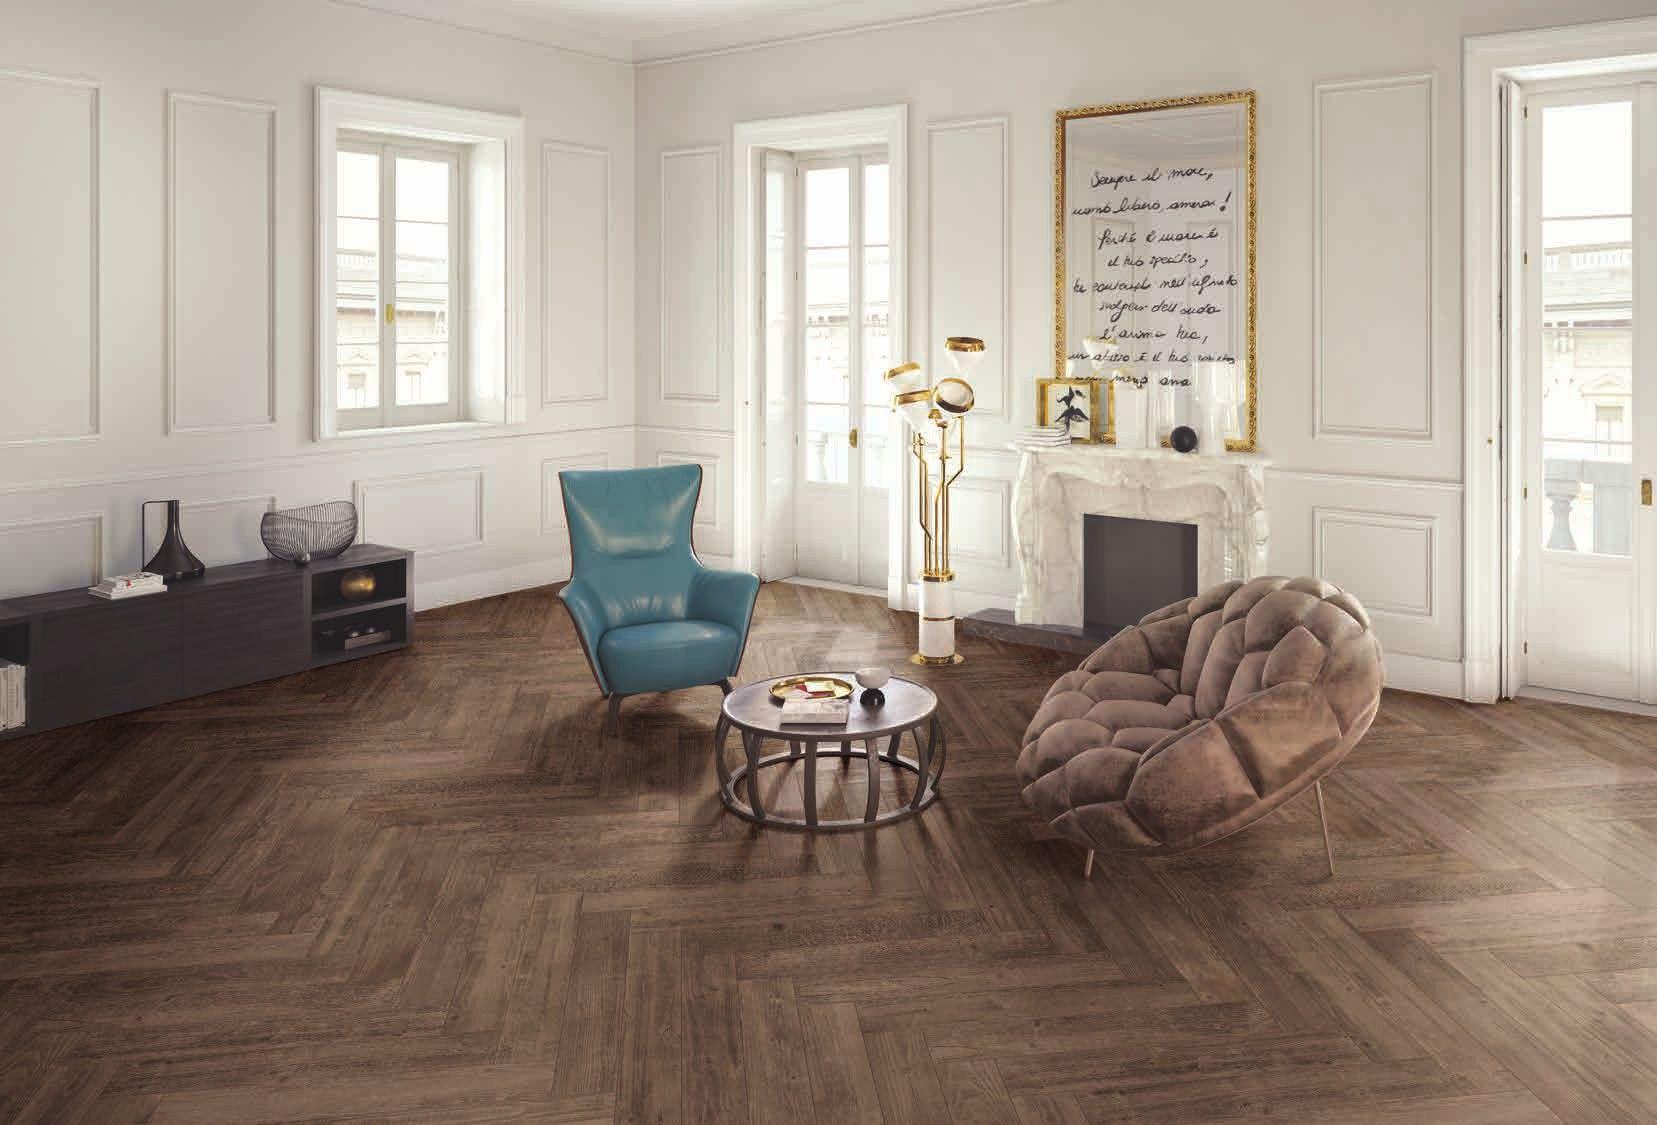 #Keope #Soul Walnut 15x90 cm V934 | #Gres #legno #15x90 | su #casaebagno.it a 32 Euro/mq | #piastrelle #ceramica #pavimento #rivestimento #bagno #cucina #esterno